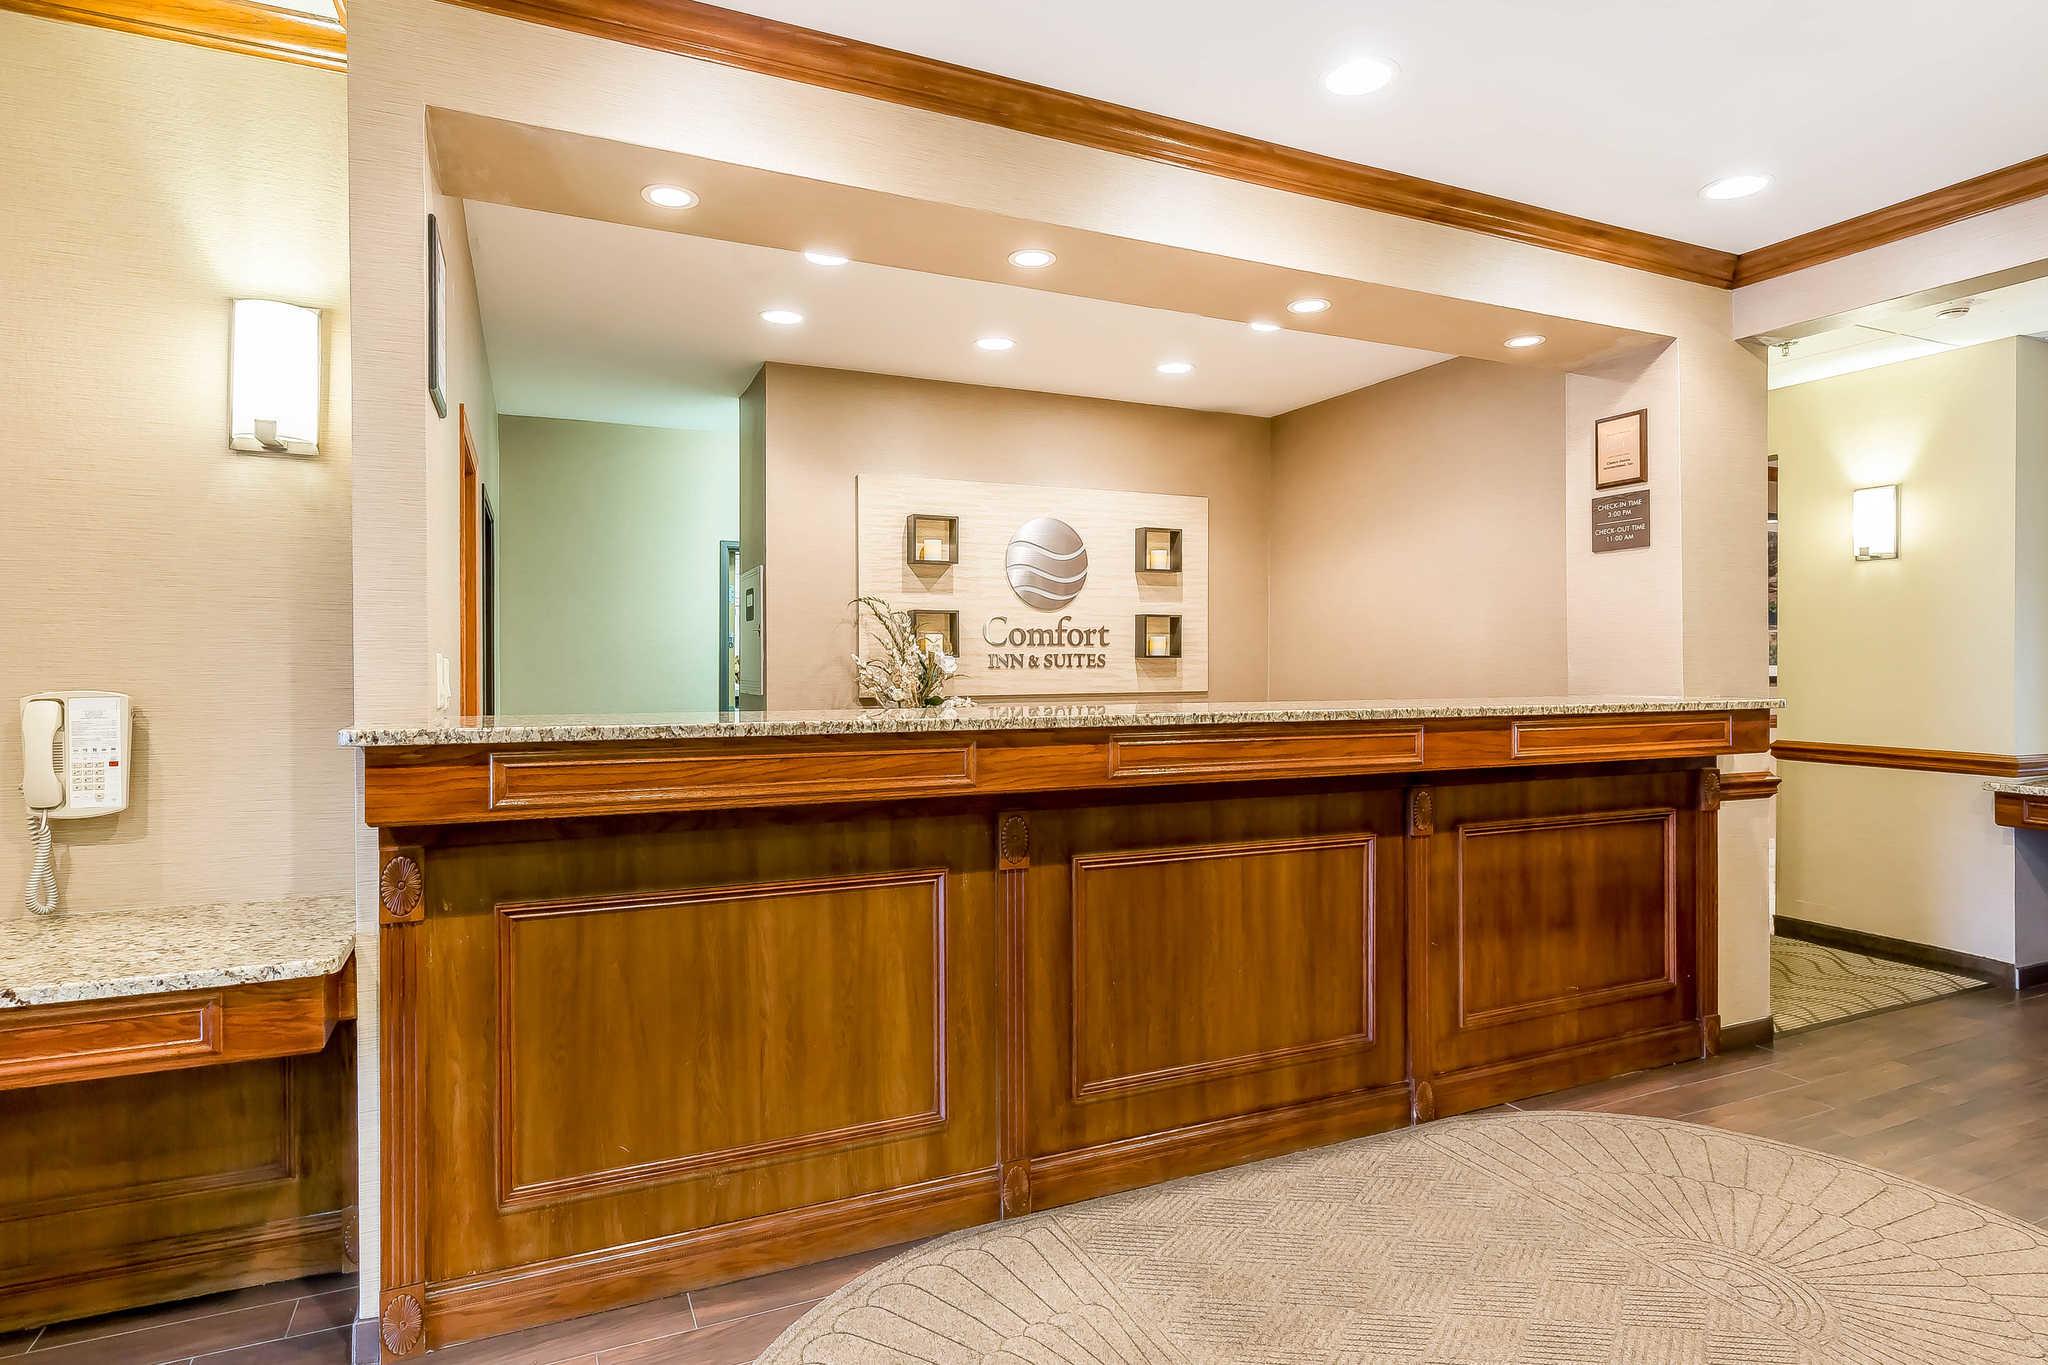 fort Inn & Suites East Moline Illinois IL